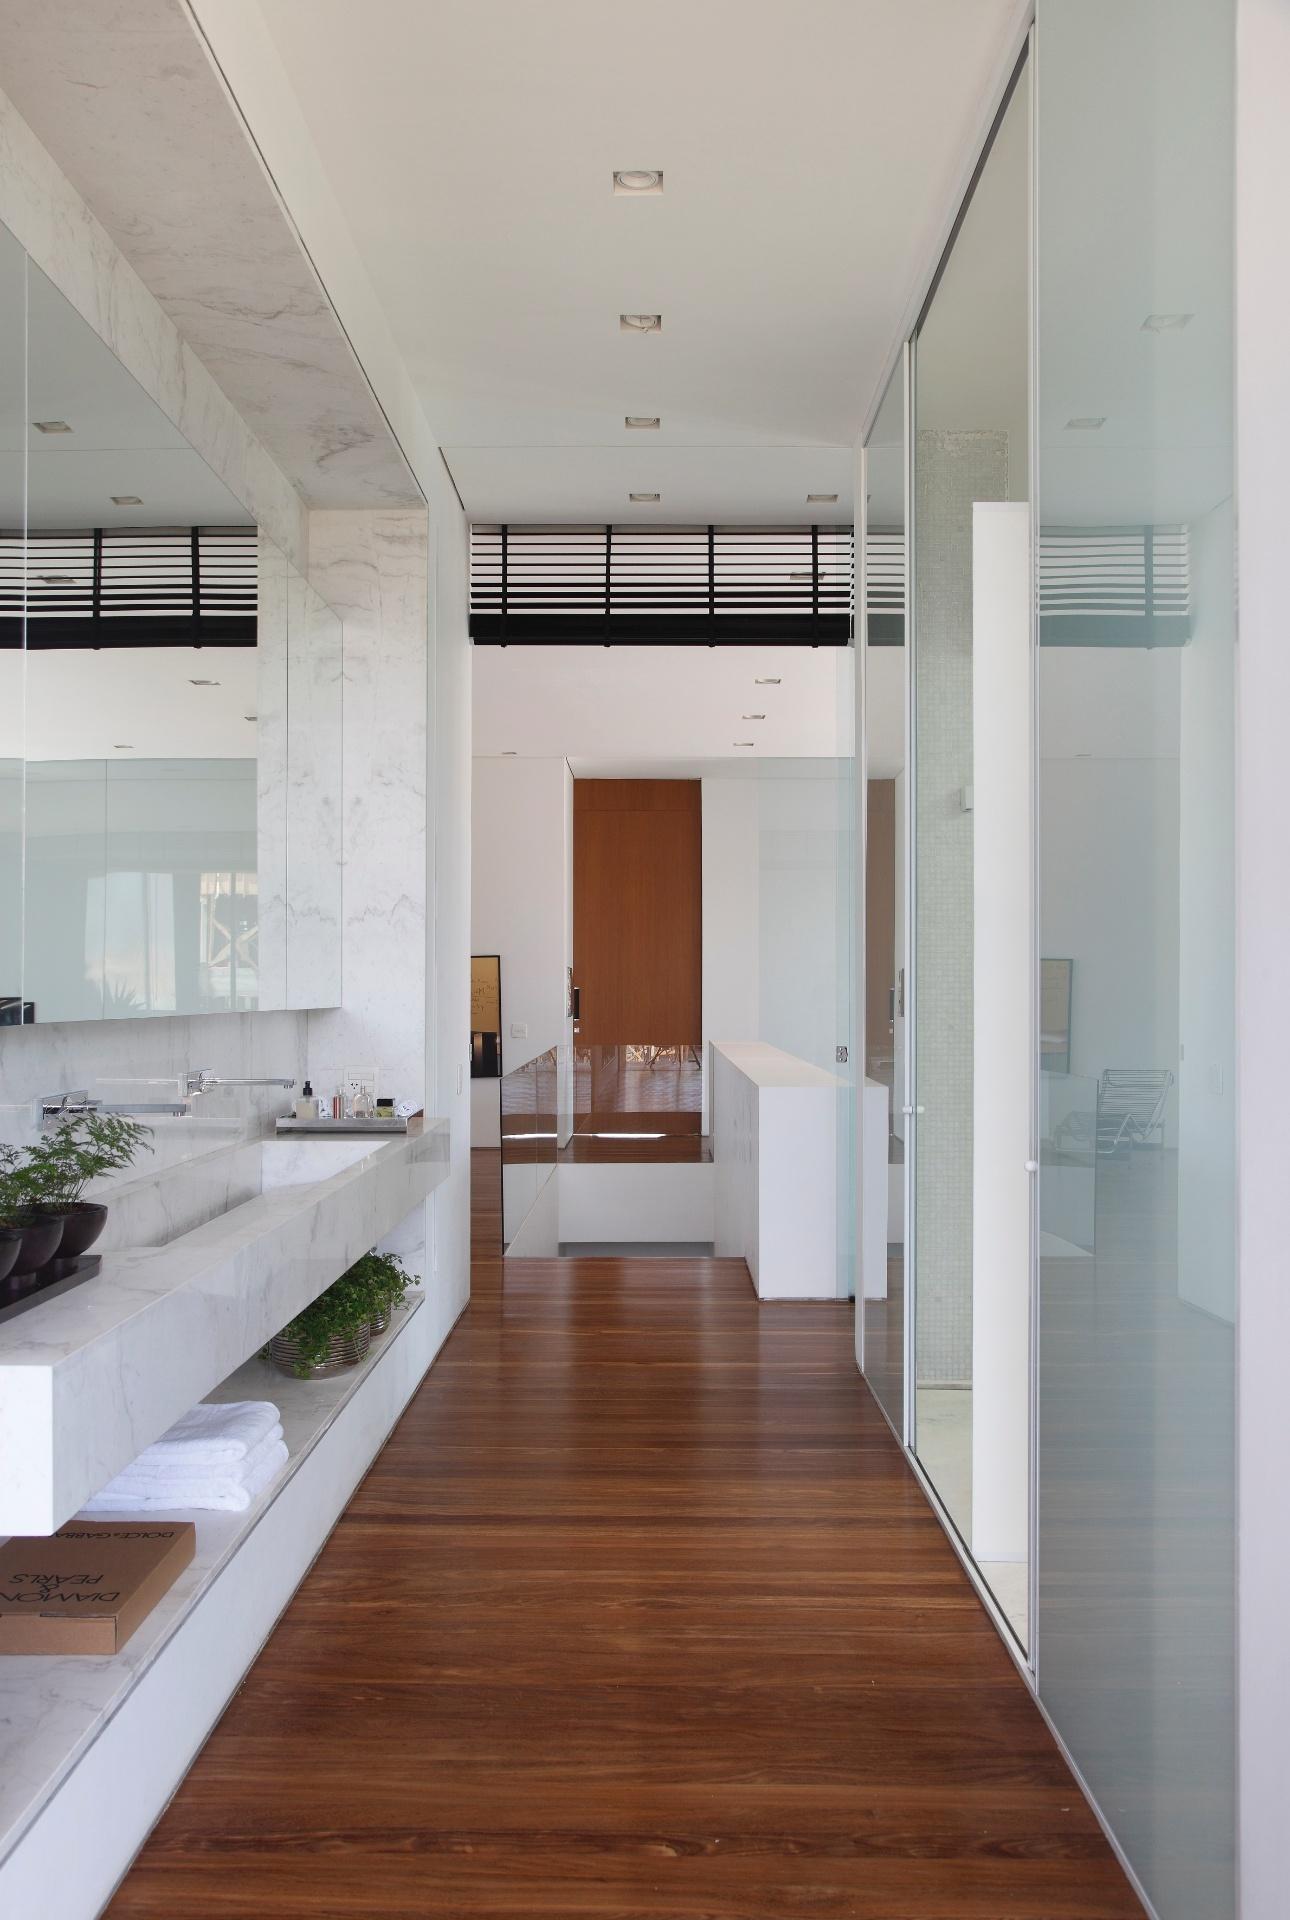 Na suíte do casal, há um corredor entre a bancada da pia (à esq.) e o banheiro (à dir.) separado por portas de correr. O piso é composto por tábuas de cumaru e teto com rebaixo em gesso. A LA House foi projetada pelo Studio Guilherme Torres